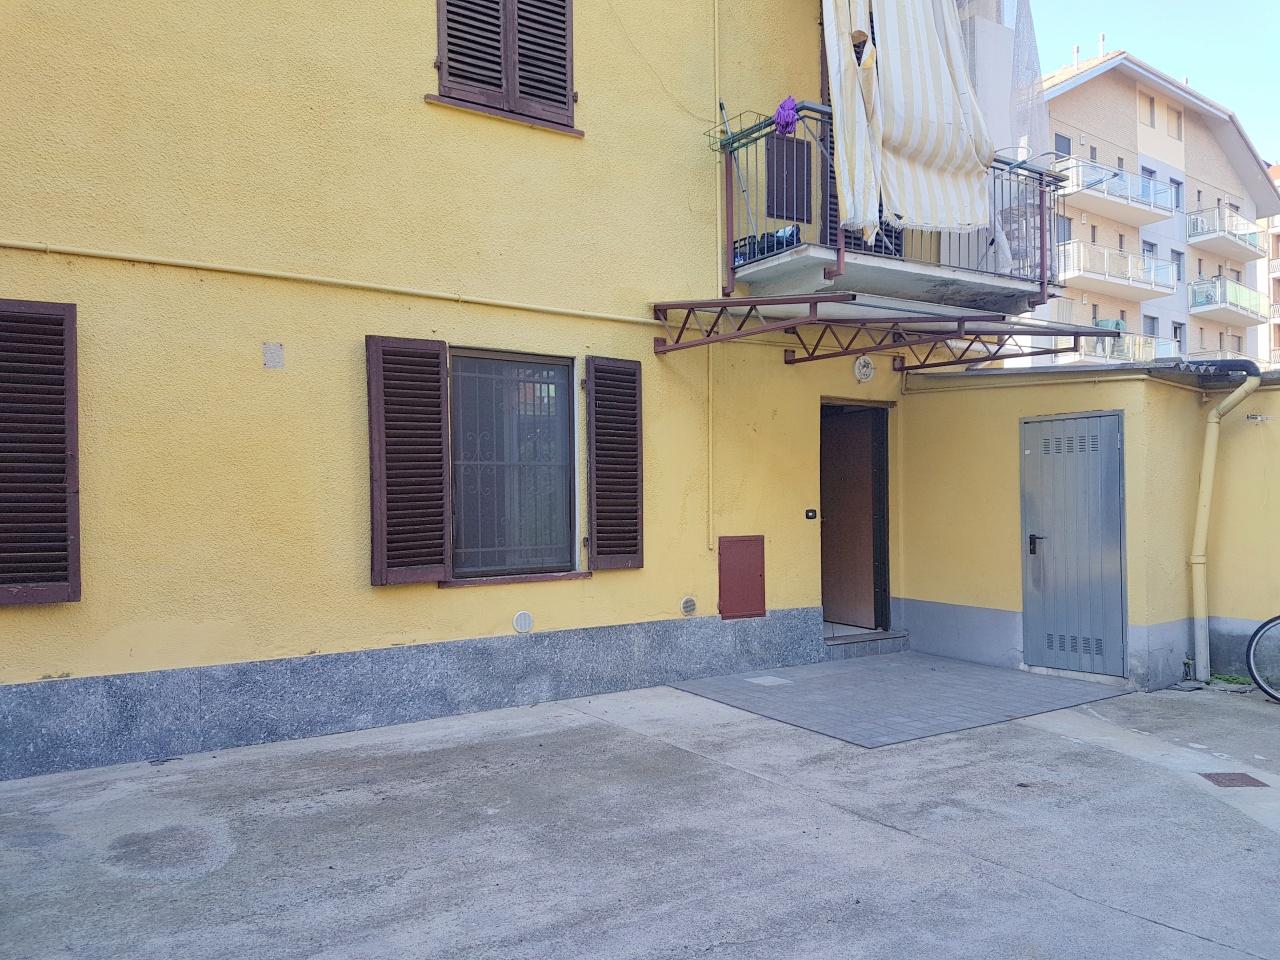 ZONA CENTRALE - Appartamento sito al piano terreno composto da ingresso, soggiorno con angolo cottura, due ampie camere da letto, servizio e ripostiglio.